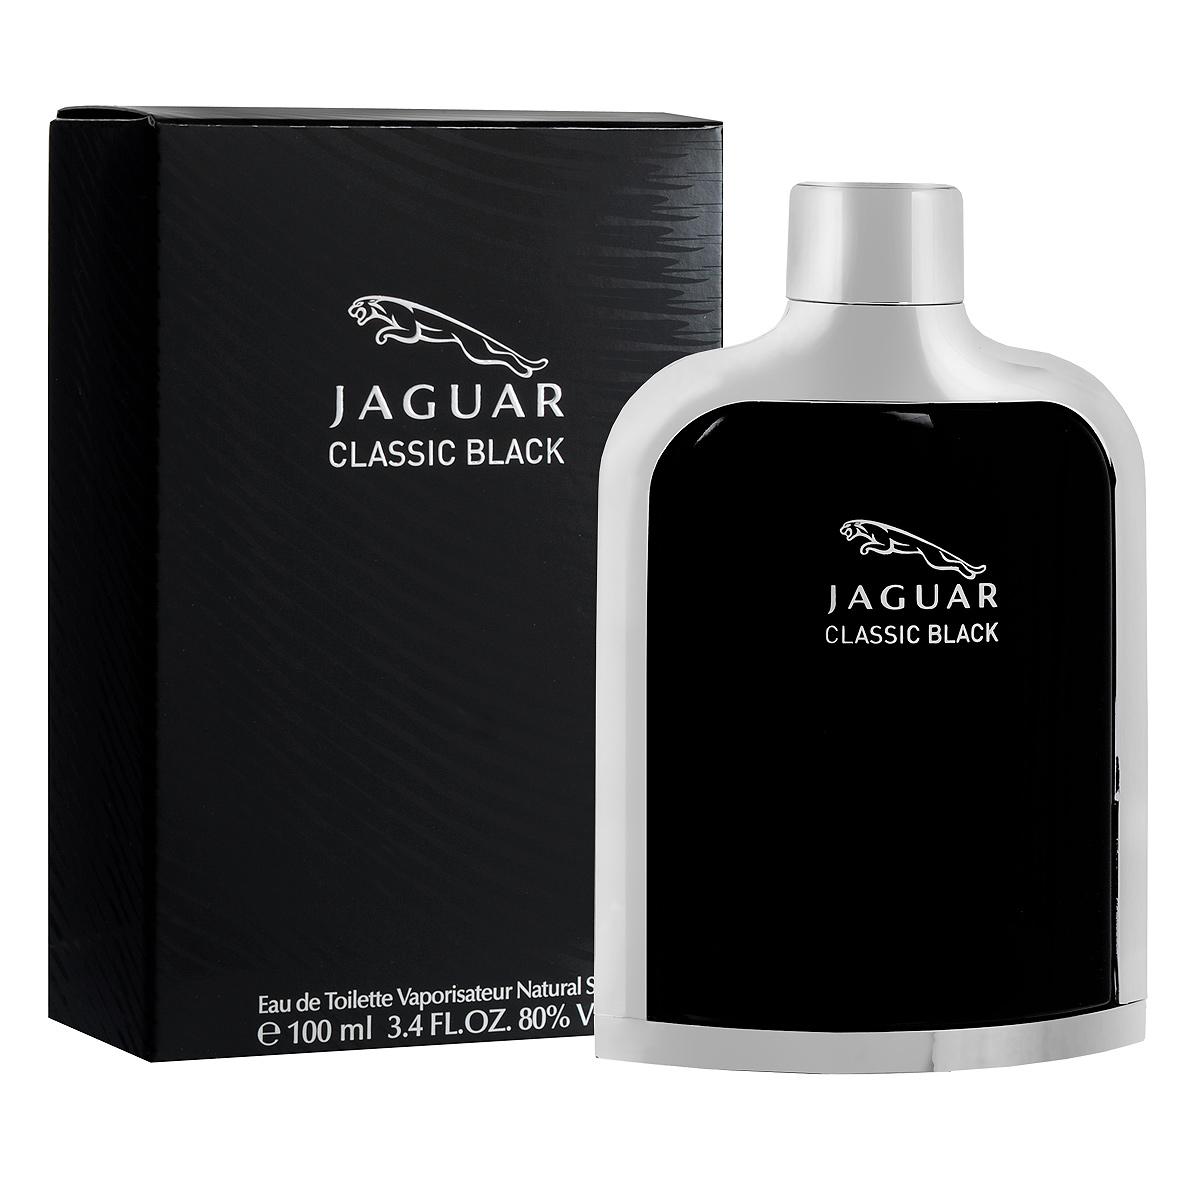 Jaguar Туалетная вода Classic Black, мужская, 100 млJ370314Туалетная вода Classic Black от Jaguar - изысканный роскошный аромат из коллекции Classic.Скорость и сдержанность, чувственность и сексуальность привлекают и интересуют настоящих мужчин, пользующихся успехом как у женщин, так и в кругу друзей, коллег и деловых партнеров.Классификация аромата: восточно-фужерный. Пирамида аромата: Верхние ноты: горький апельсин, мандарин, зеленое яблоко. Ноты сердца: герань, кардамон, чай, морская вода, мускатный орех. Ноты шлейфа:ветивер, сандаловое дерево, дубовый мох, кедр, тонка бобы, белый мускус. Ключевые слова Динамичный, экспрессивный!